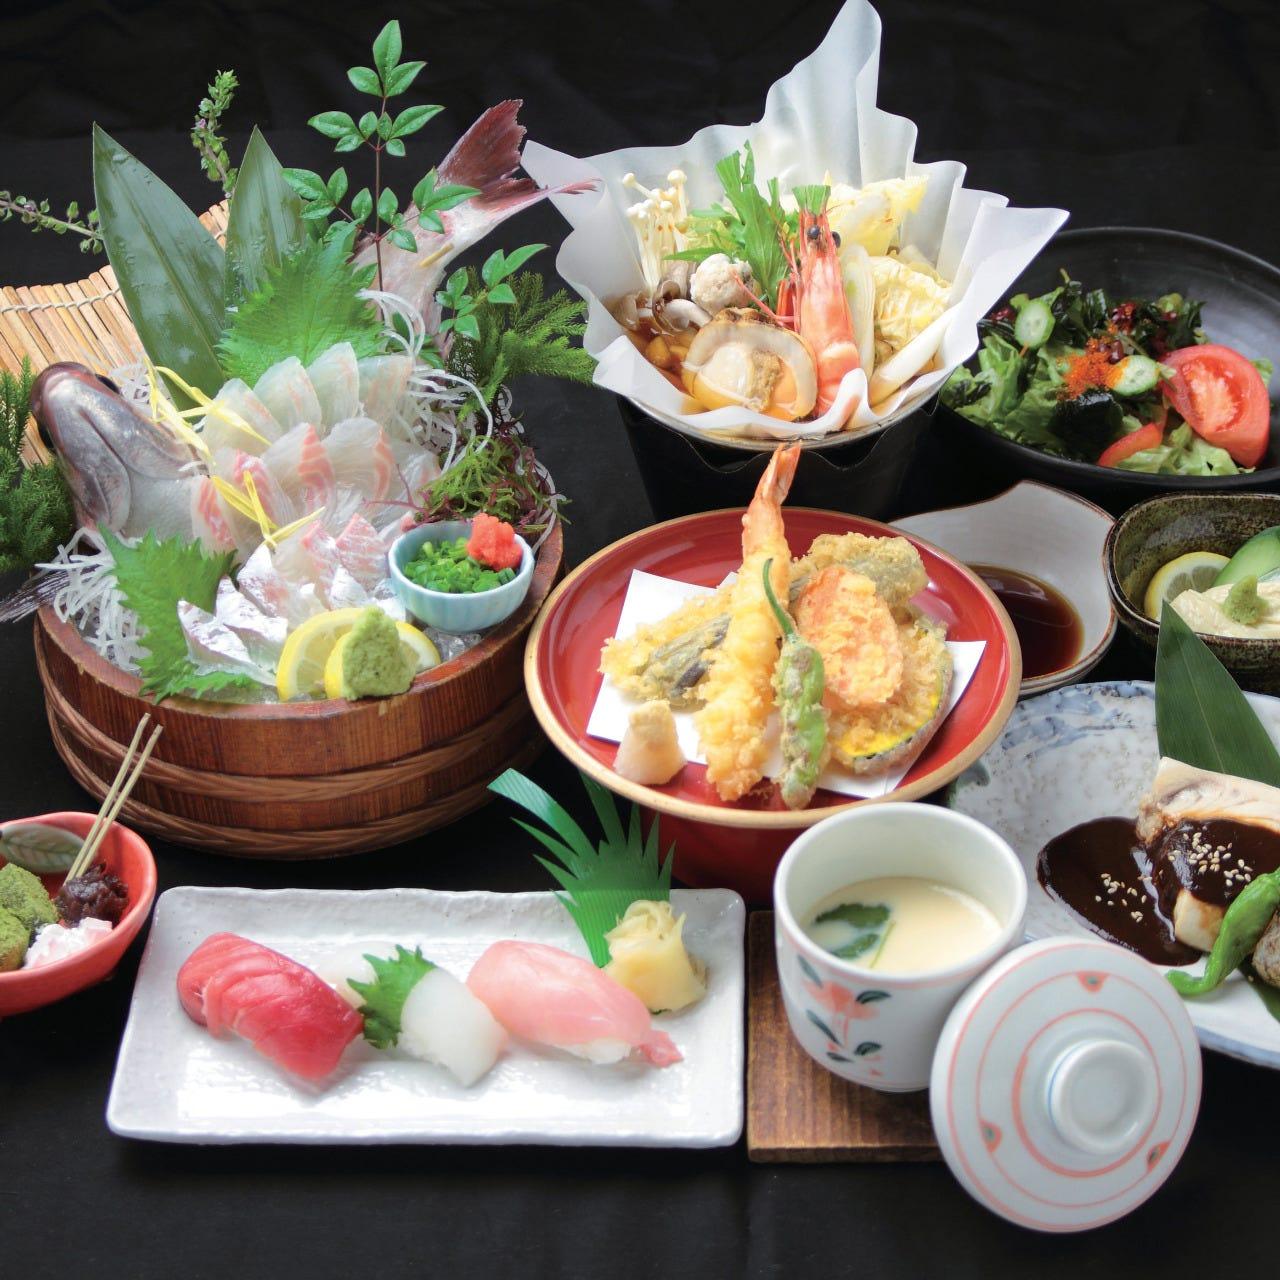 昼宴会にぴったりの土・日・祝限定ランチコースは2,000円~